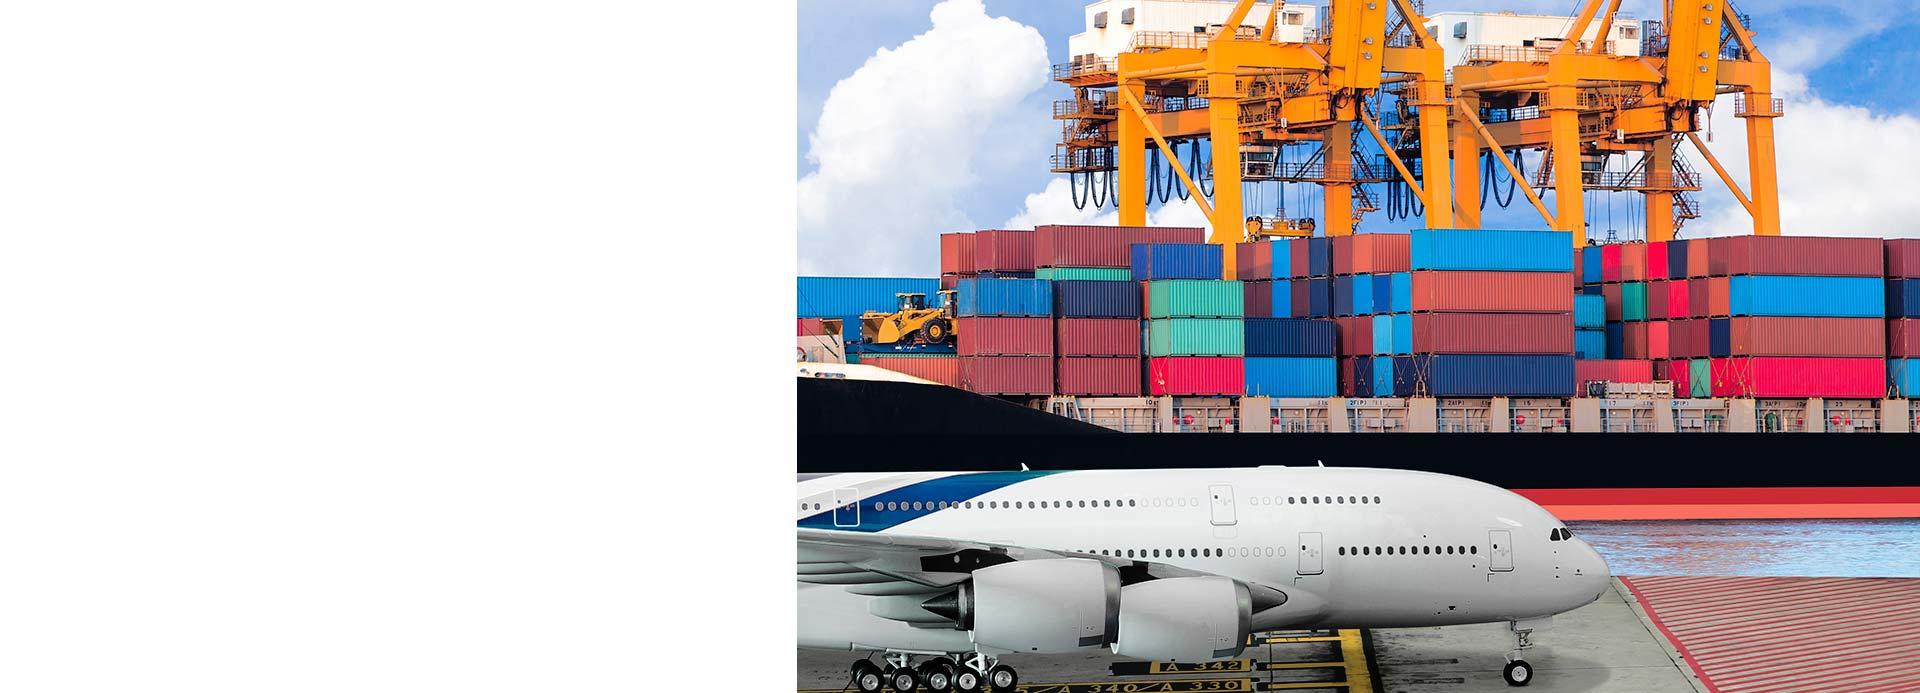 上海东航物流航空货运代理公司